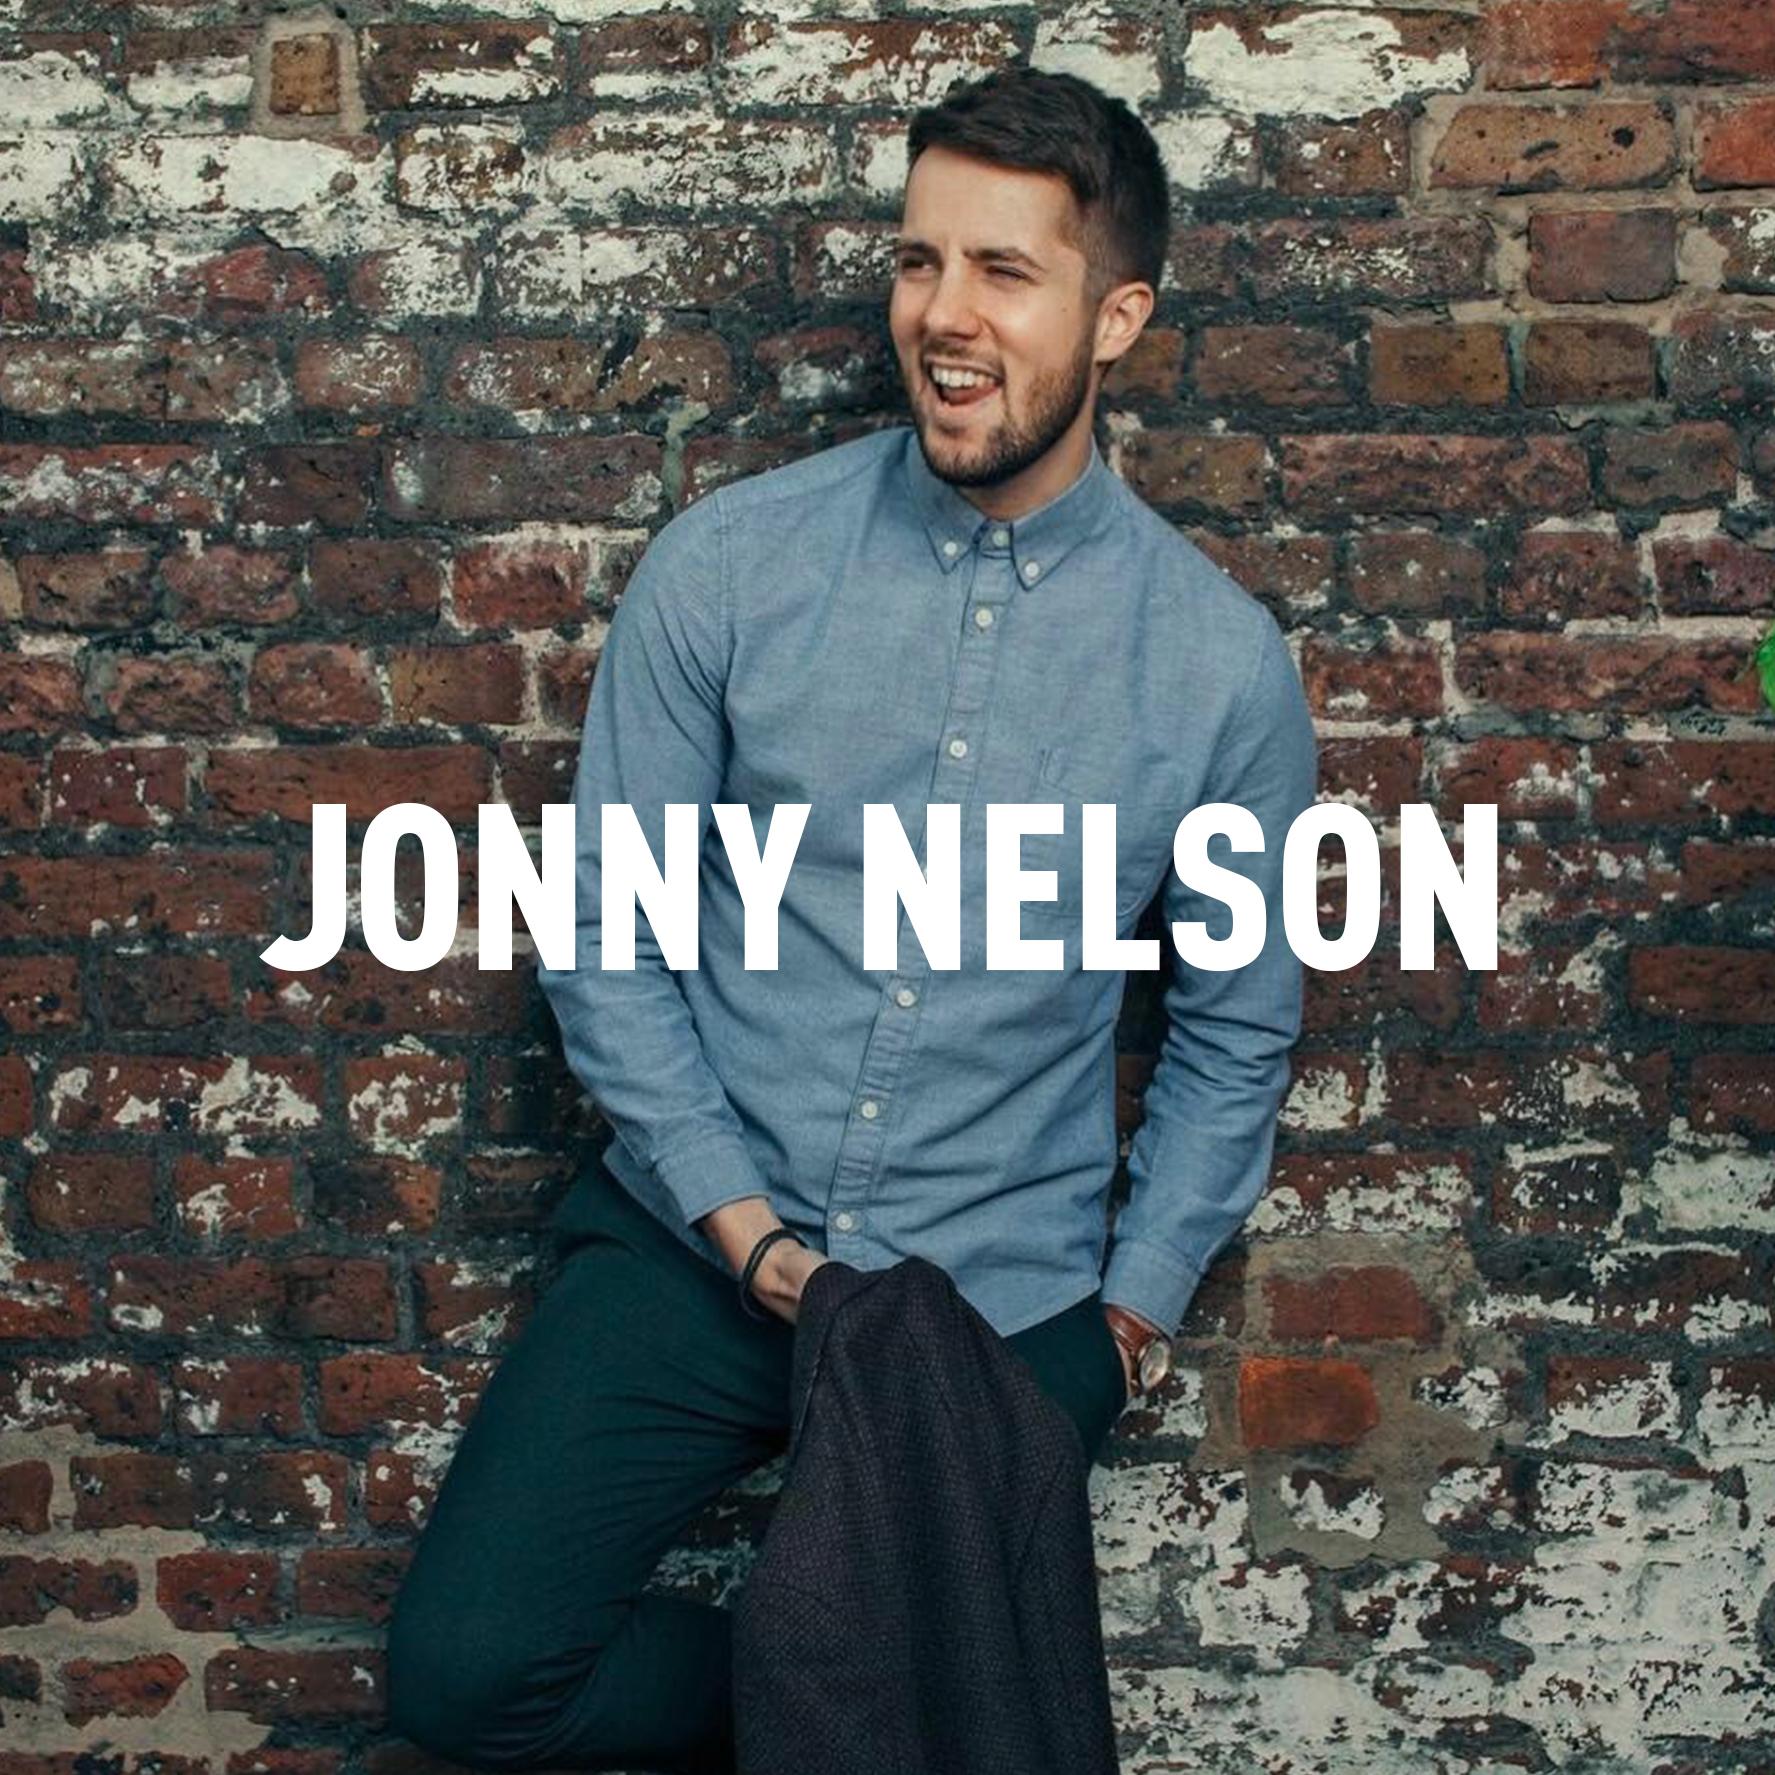 JonnyNelson.jpg